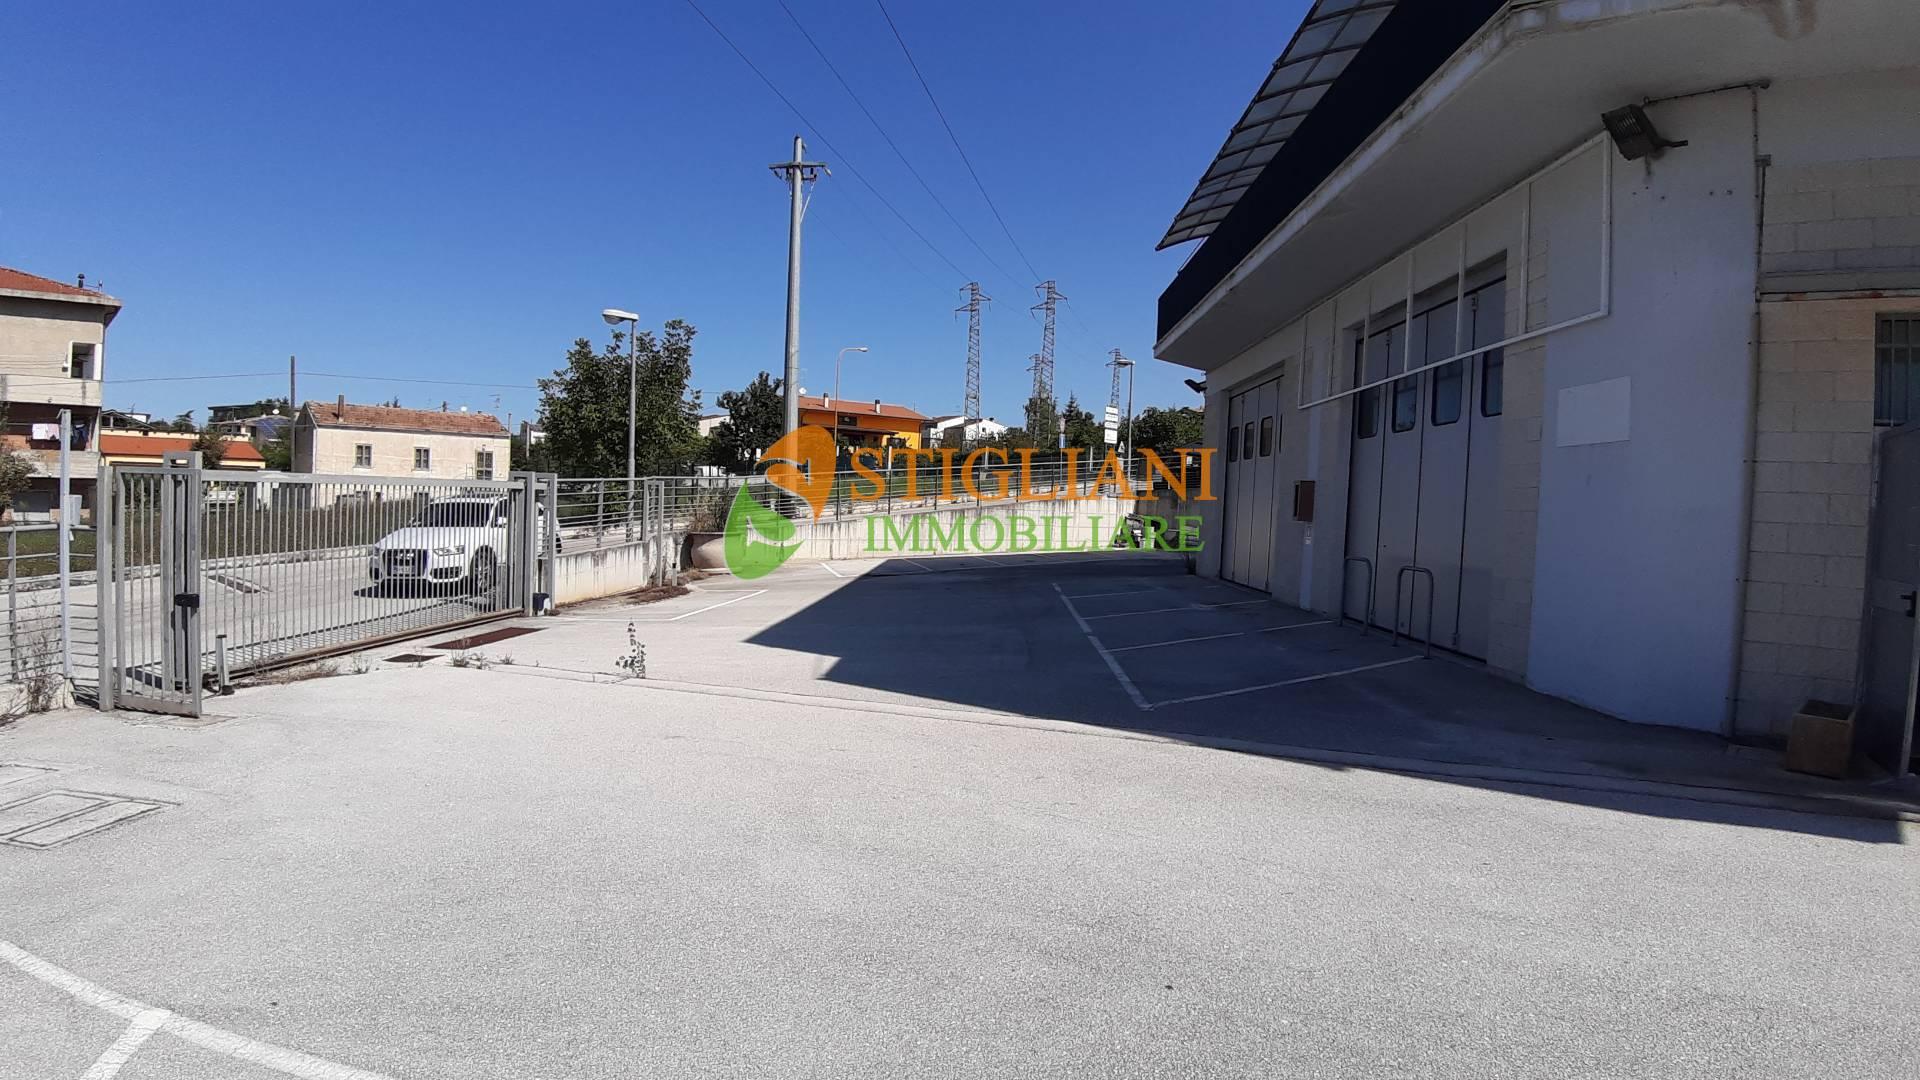 Negozio / Locale in vendita a Campobasso, 9999 locali, zona Località: Periferia, prezzo € 350.000 | CambioCasa.it